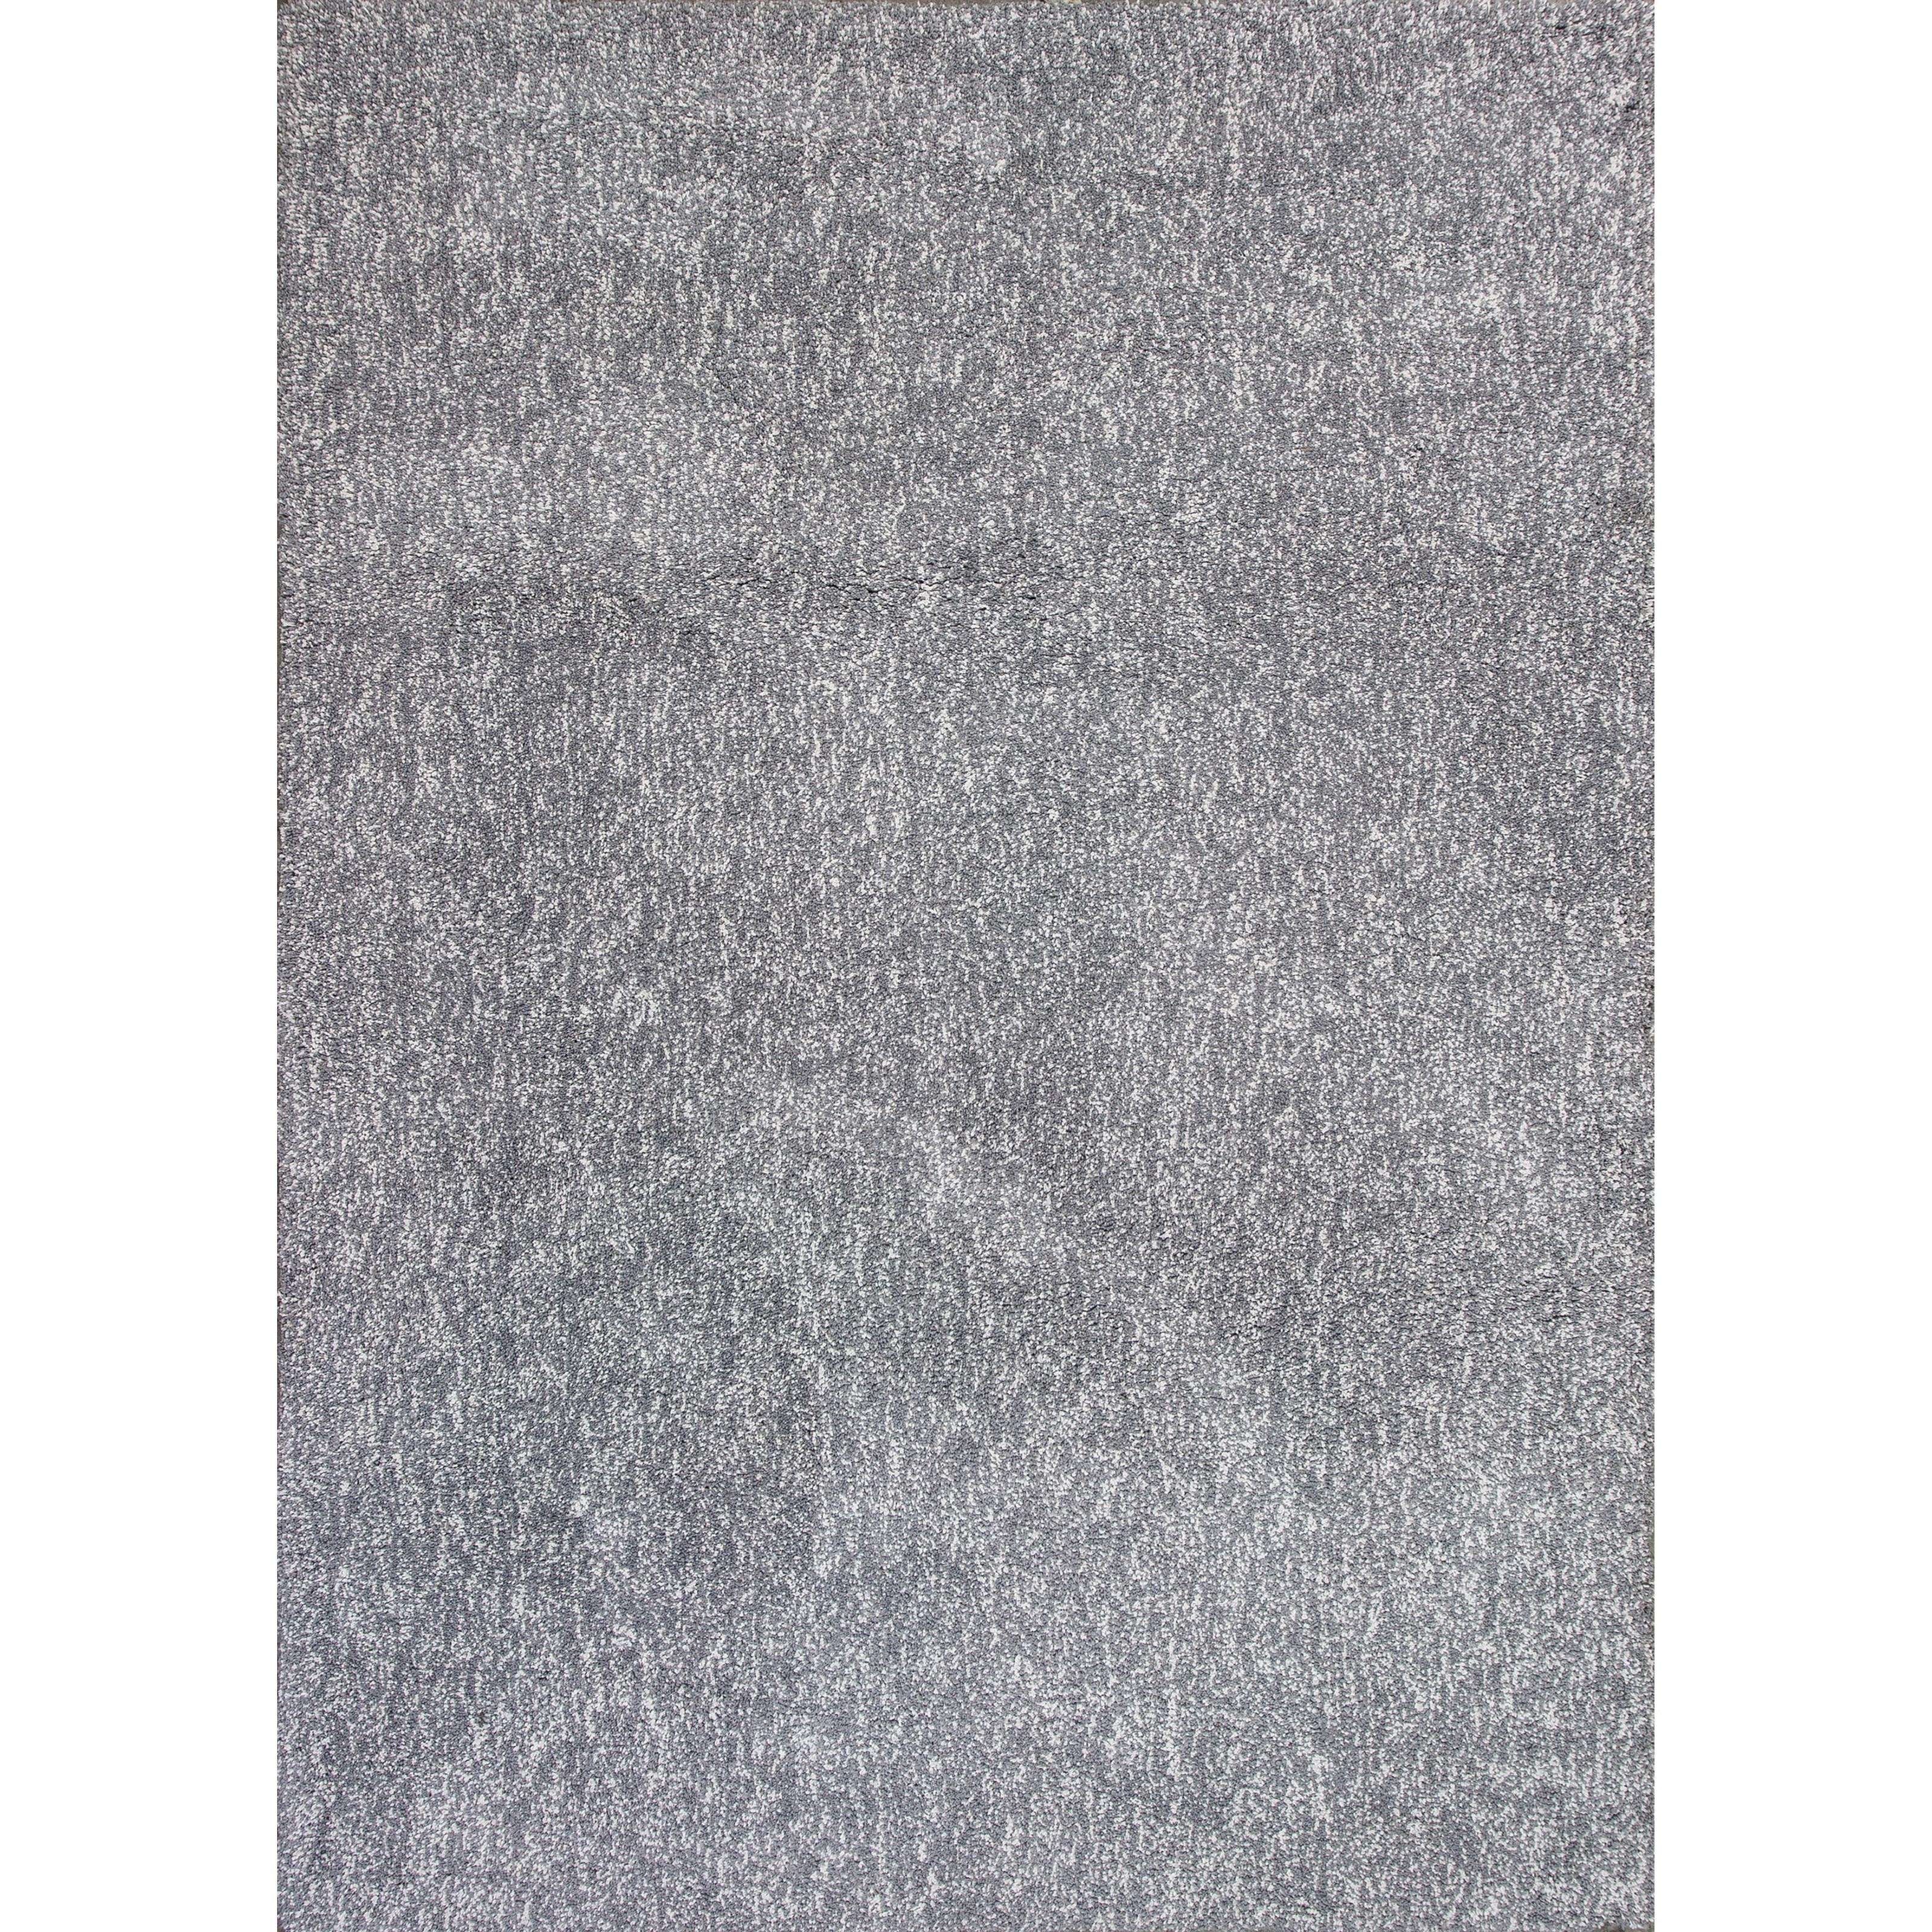 9' X 13' Grey Heather Shag Area Rug